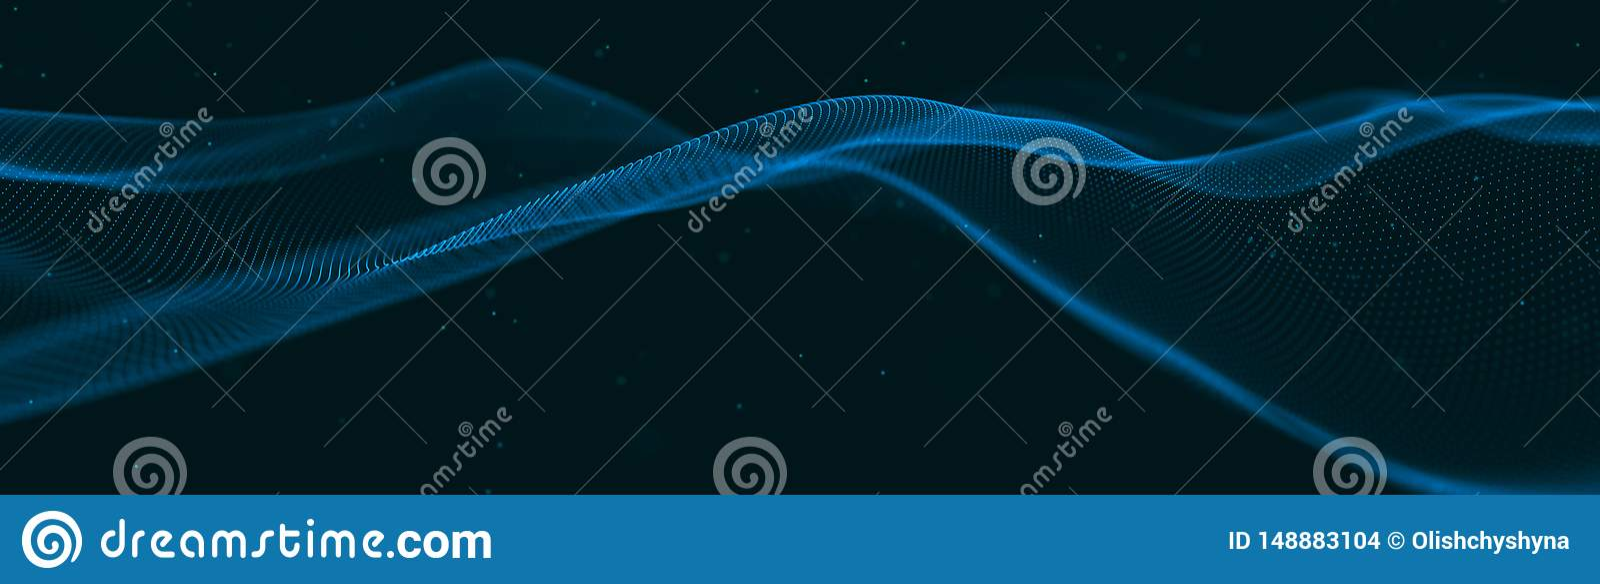 Musikalisk v?g av partiklar Solida strukturella anslutningar Abstrakt bakgrund med en v?g av lysande partiklar V?g 3d